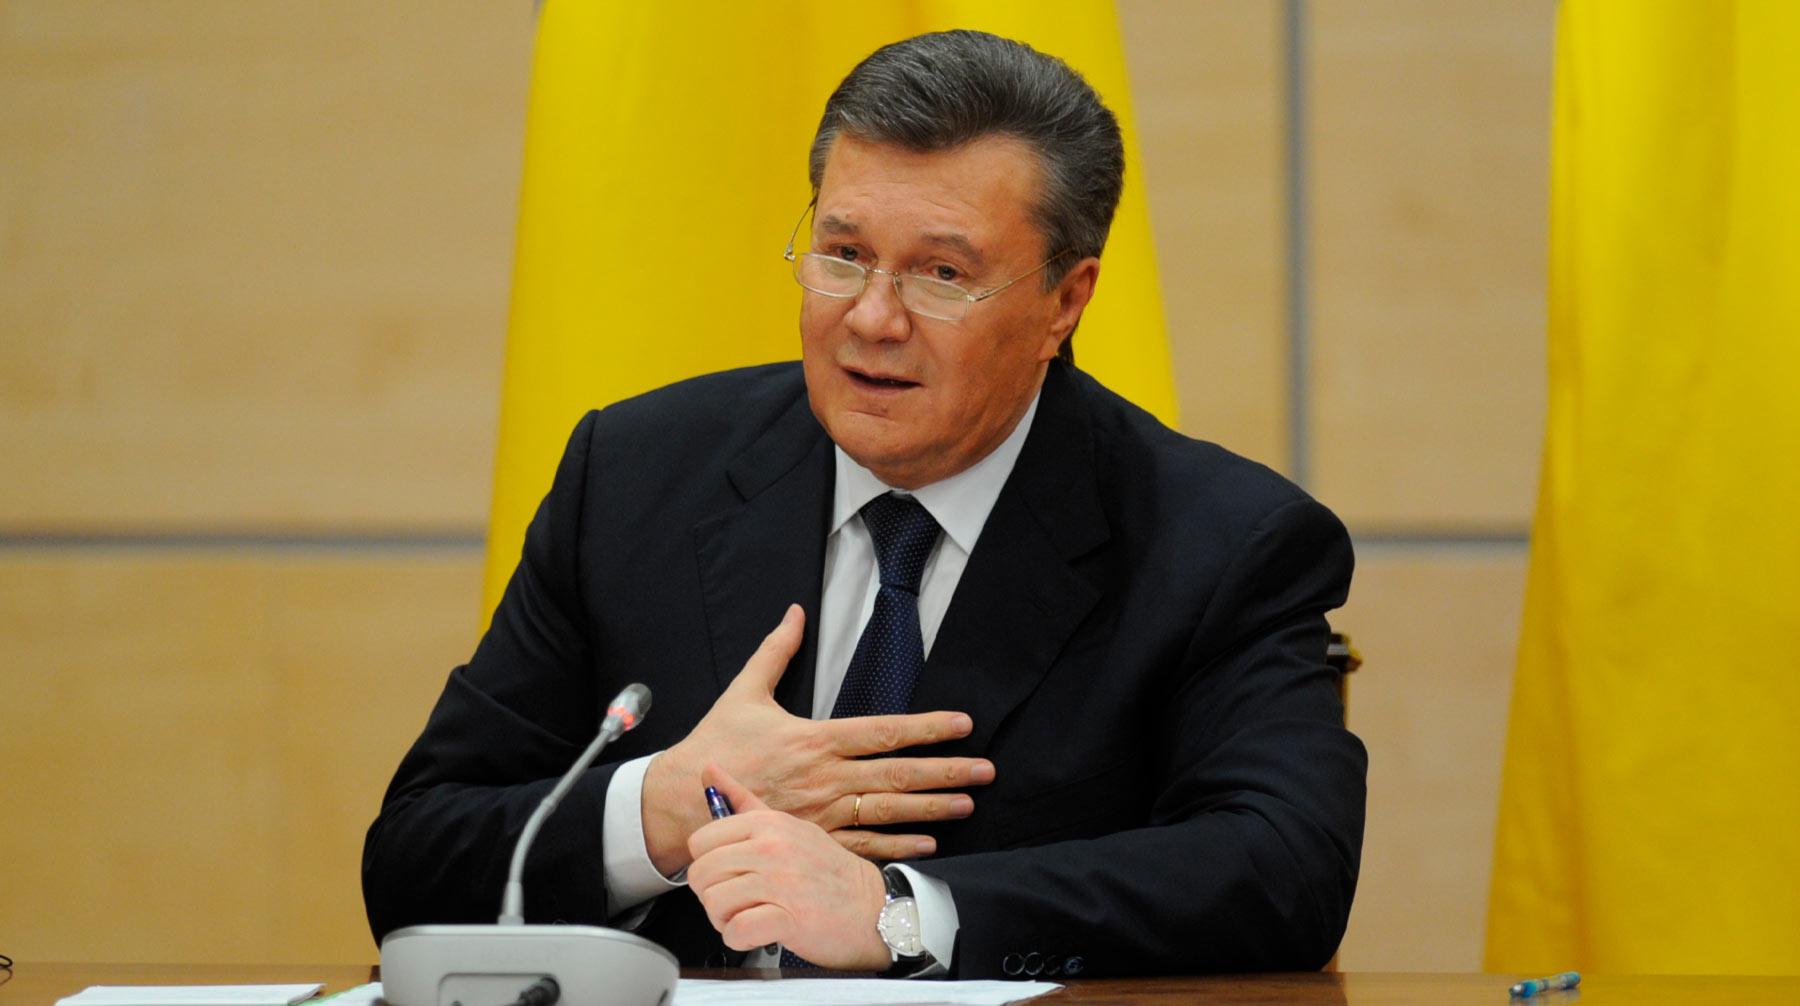 Апеляційний суд Києва підтвердив законність заочного арешту експрезидента Януковича